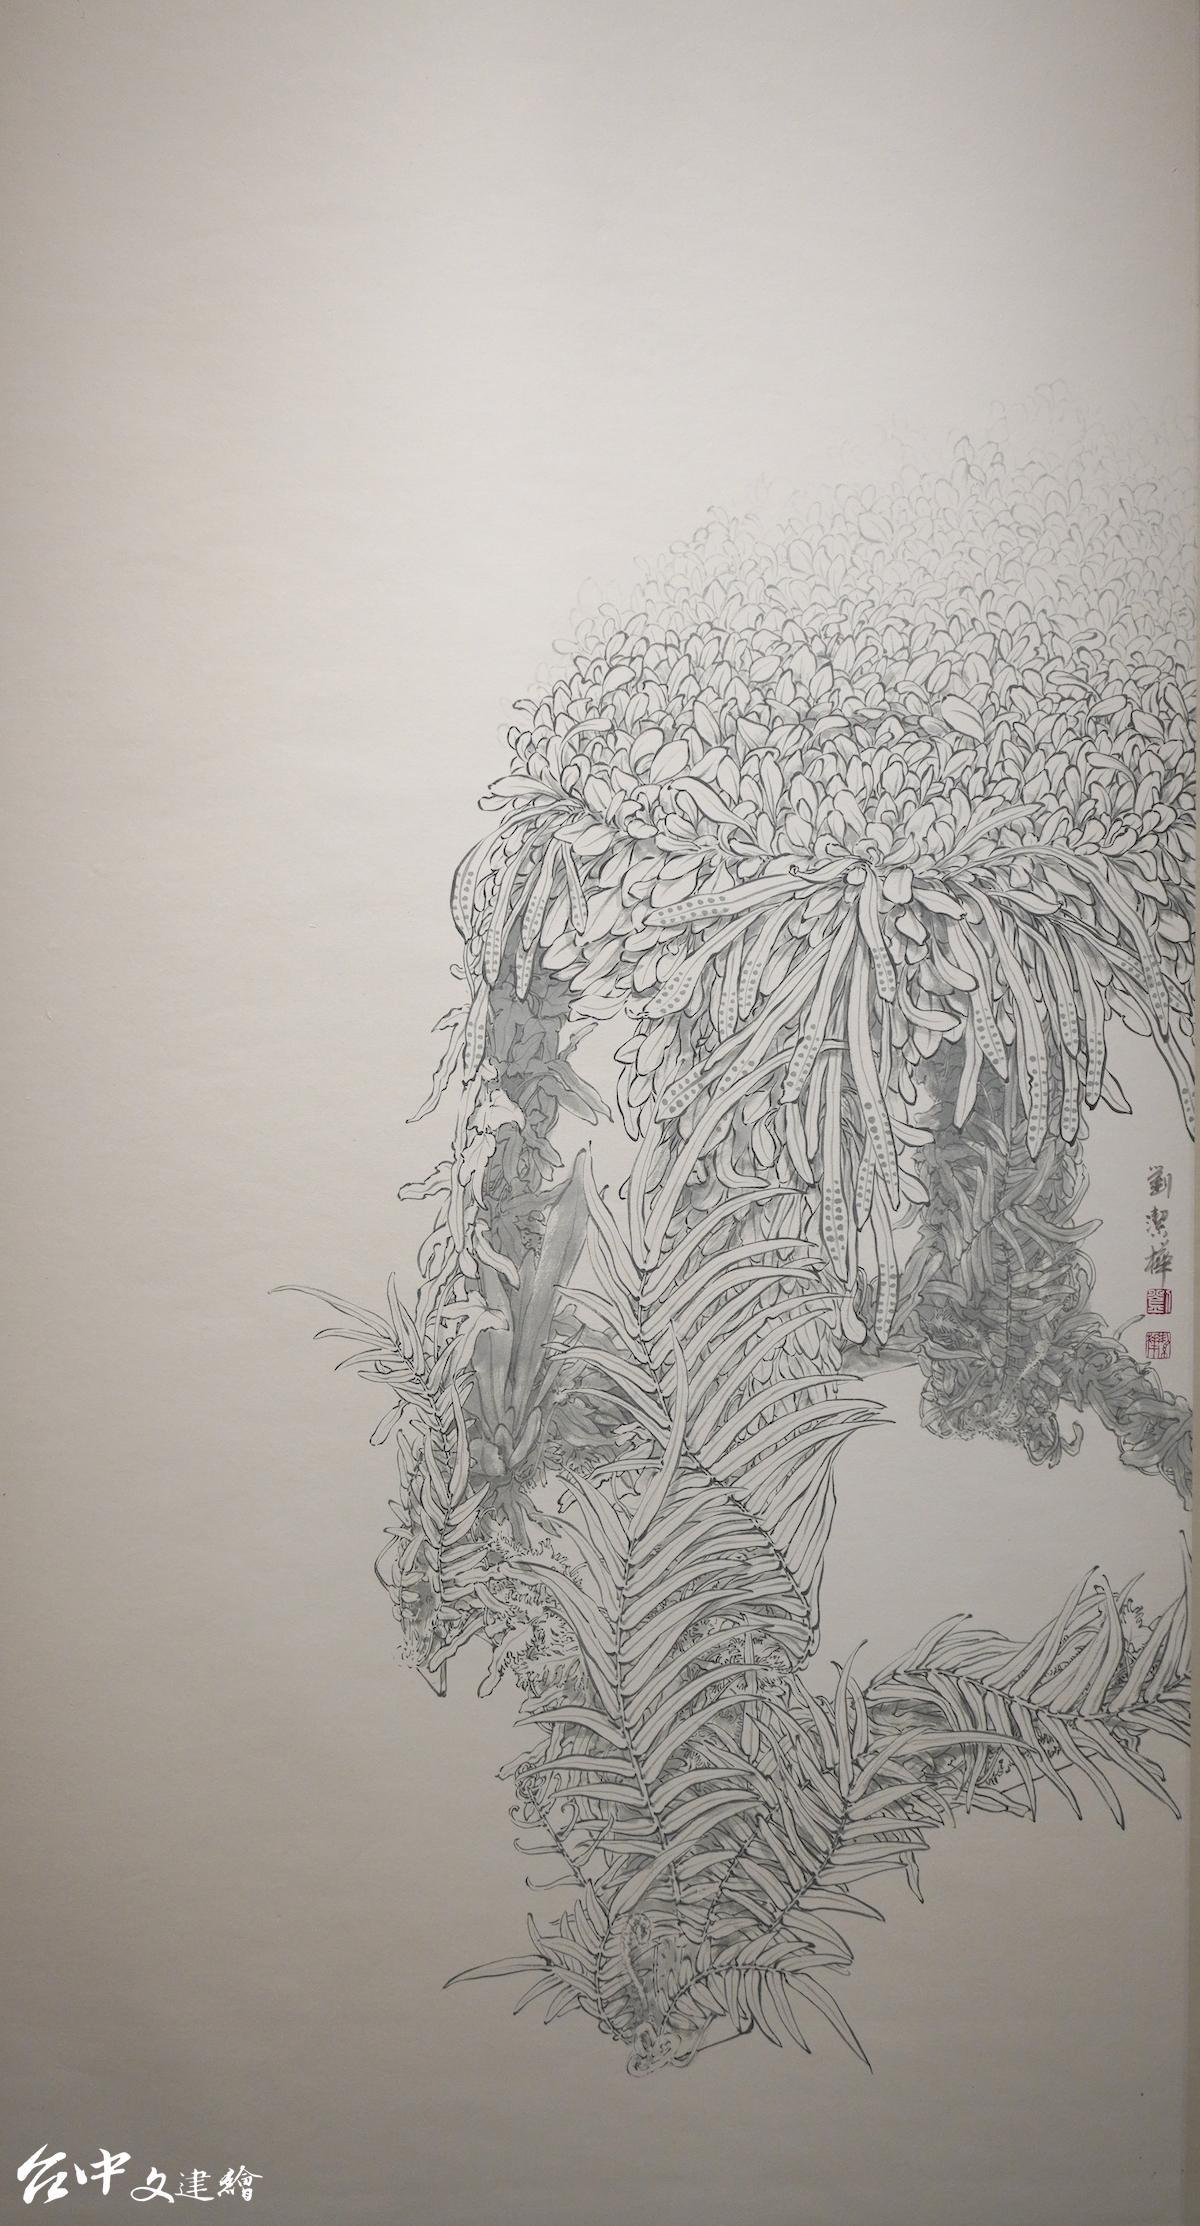 劉潔樺,水墨,生生,138X69公分,2019。(圖:台中文建繪)